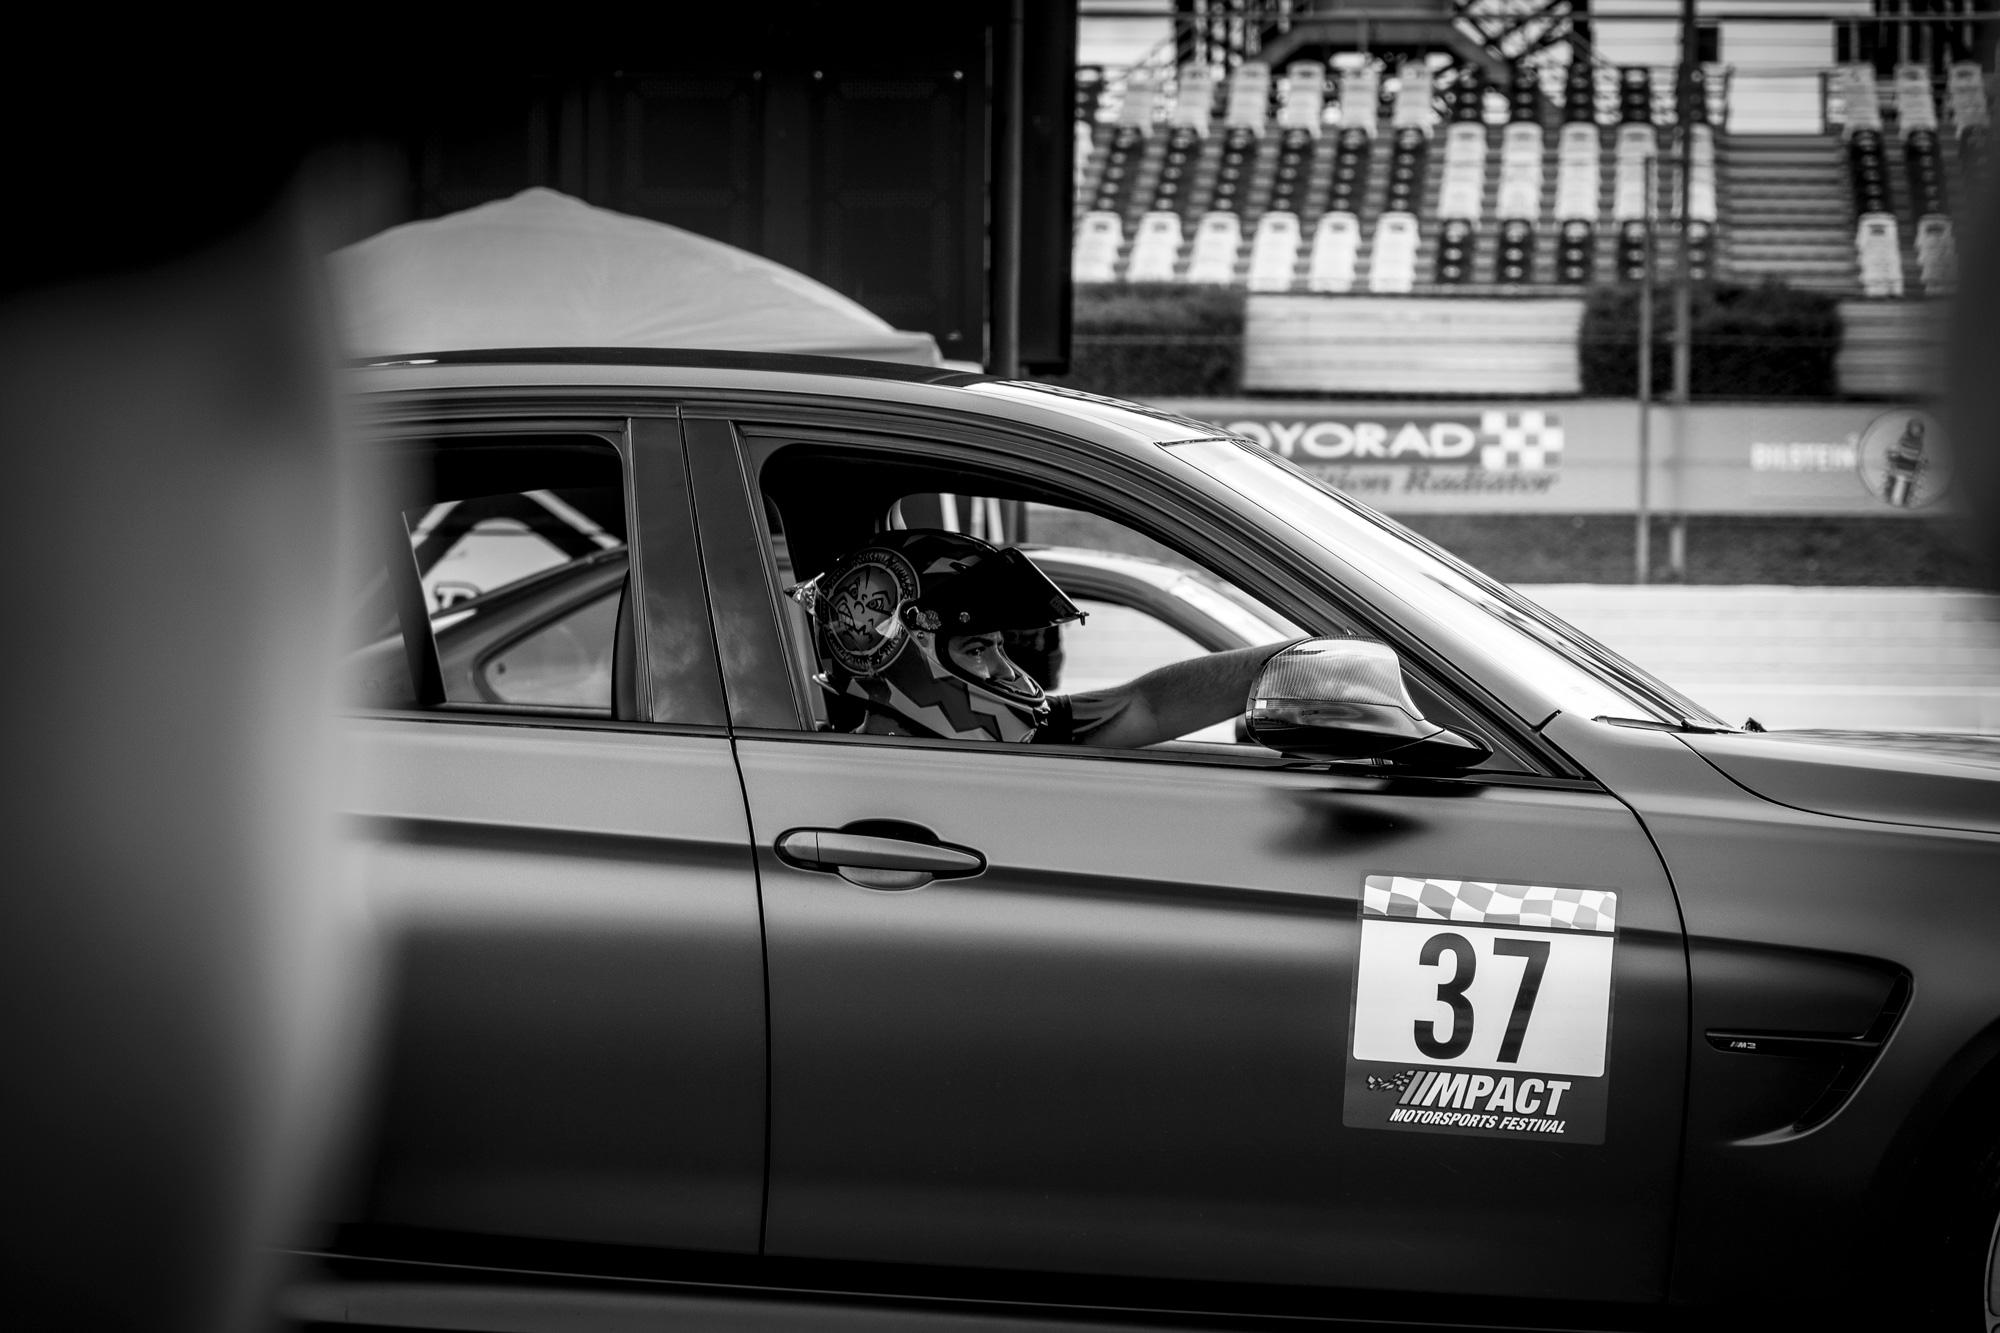 M3 driver